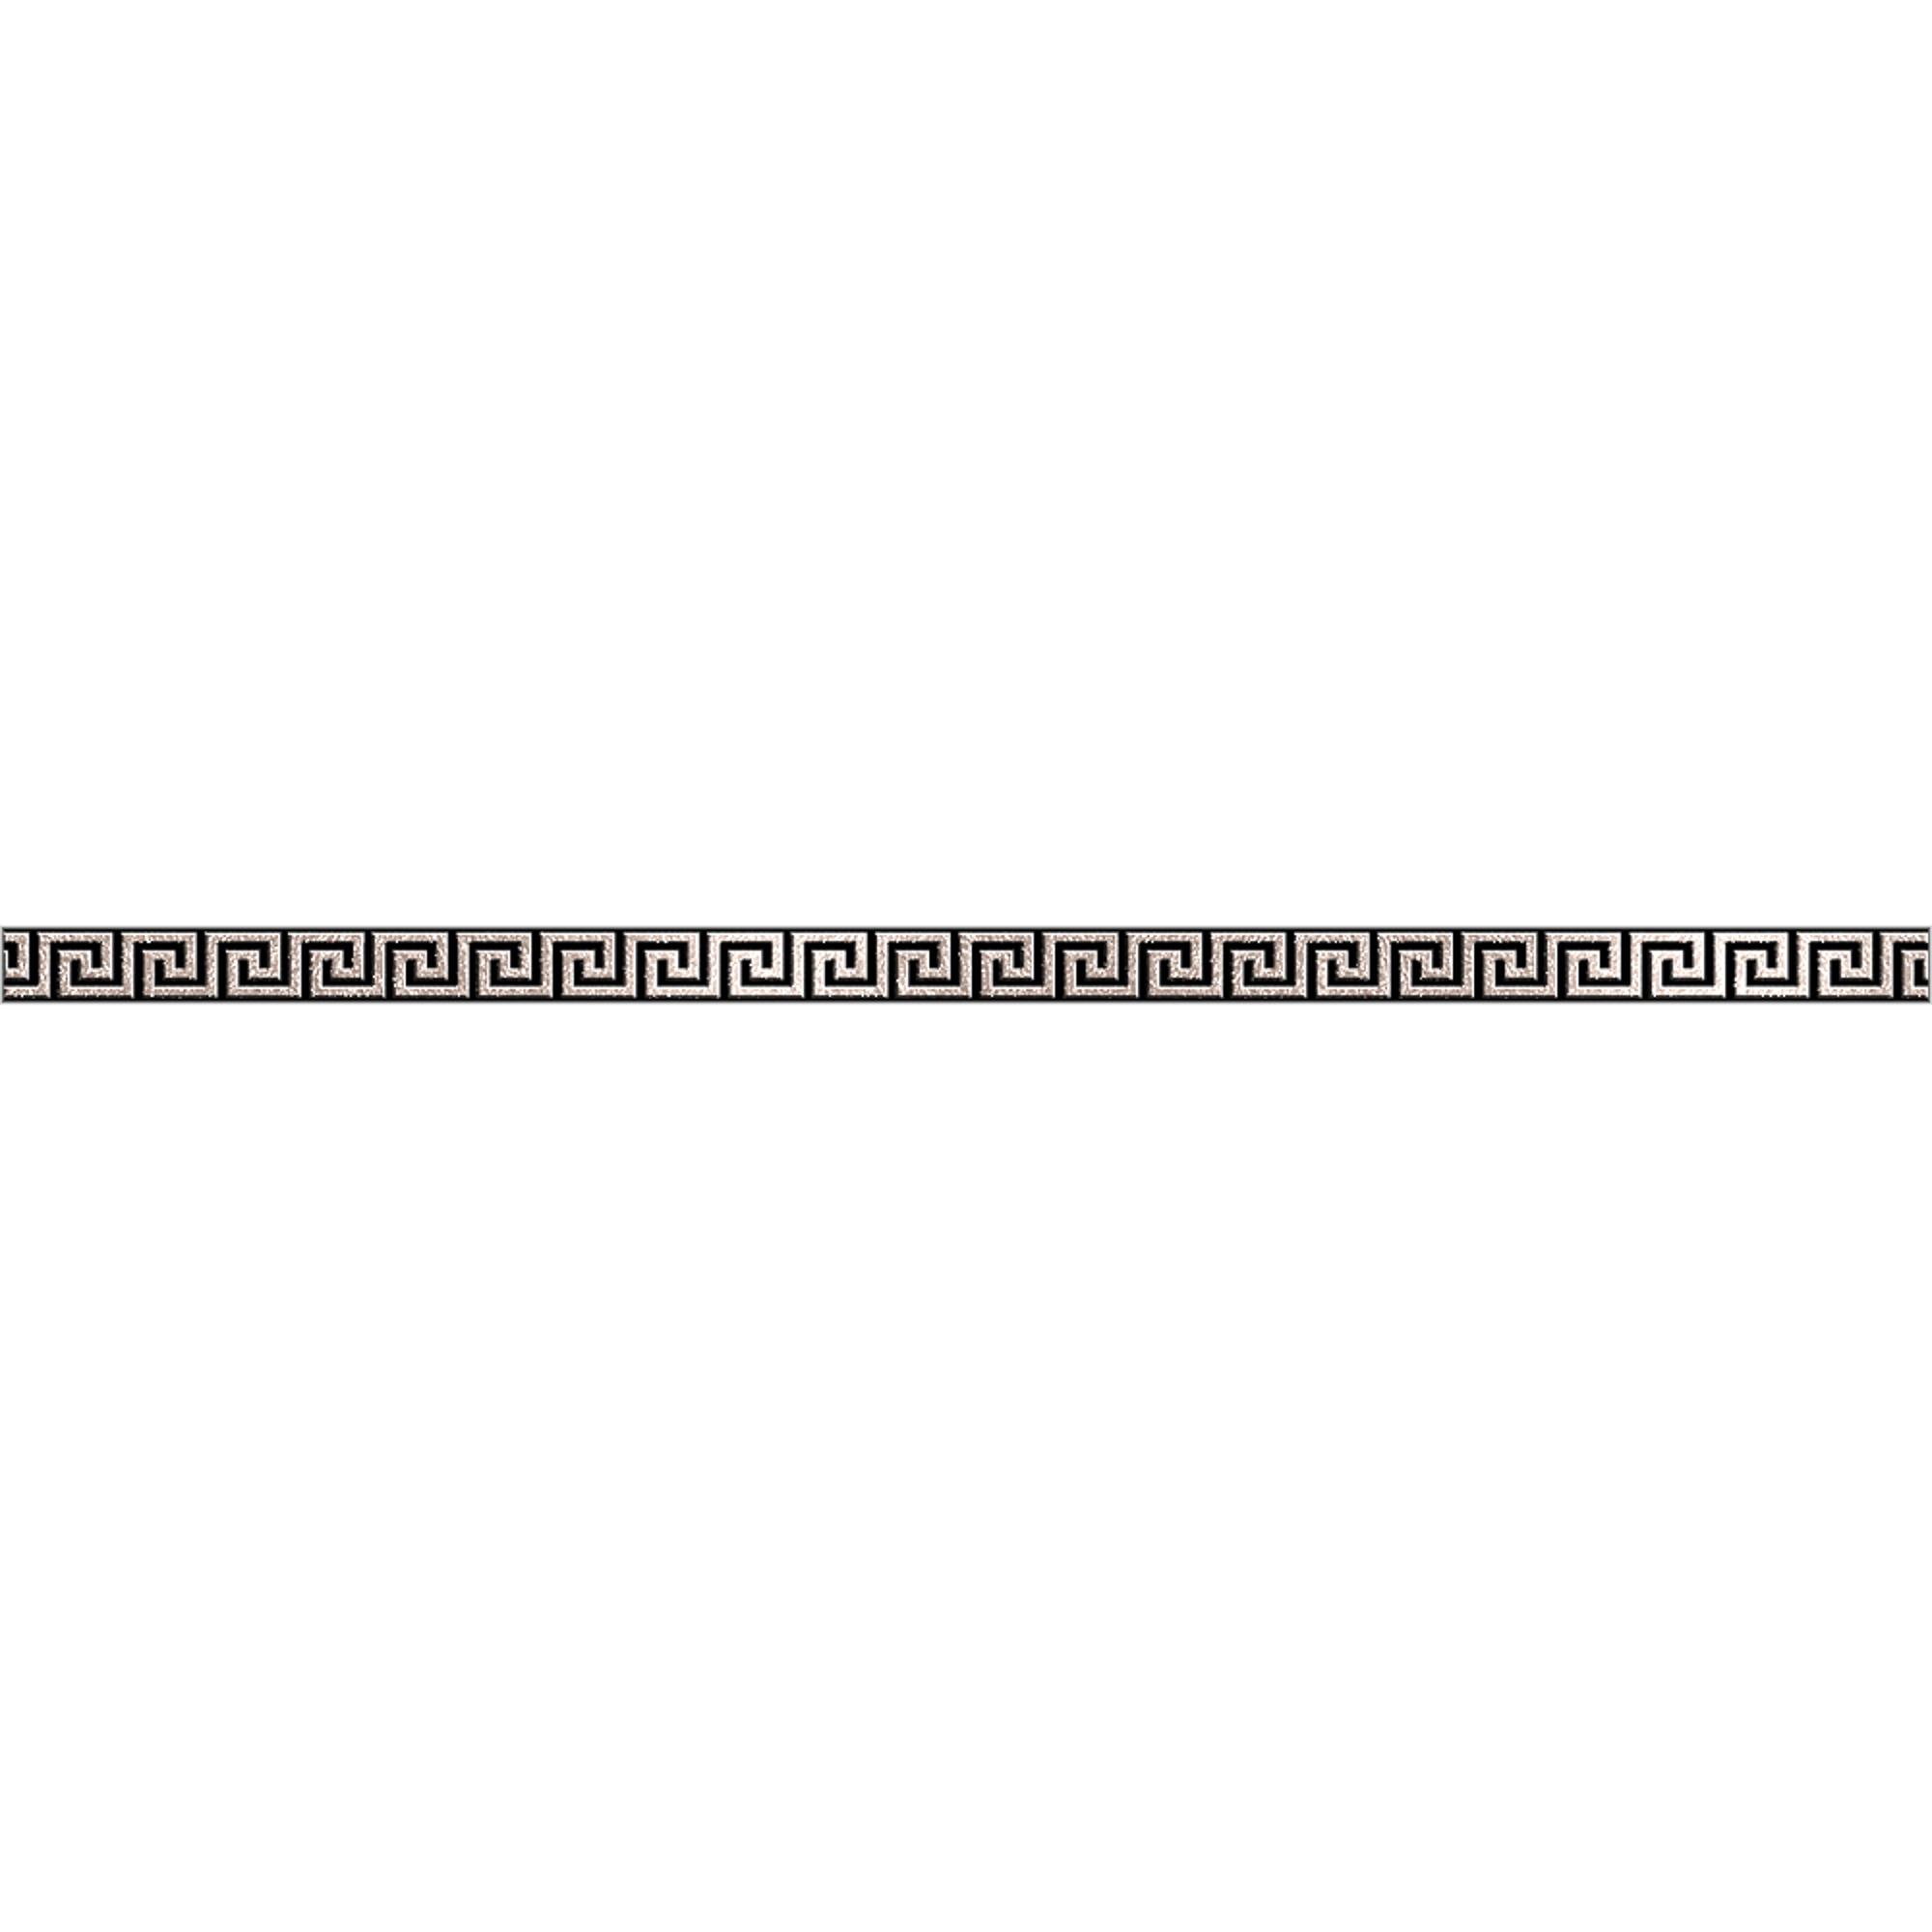 Бордюр Керамика Будущего Крит черный 25x60 см.